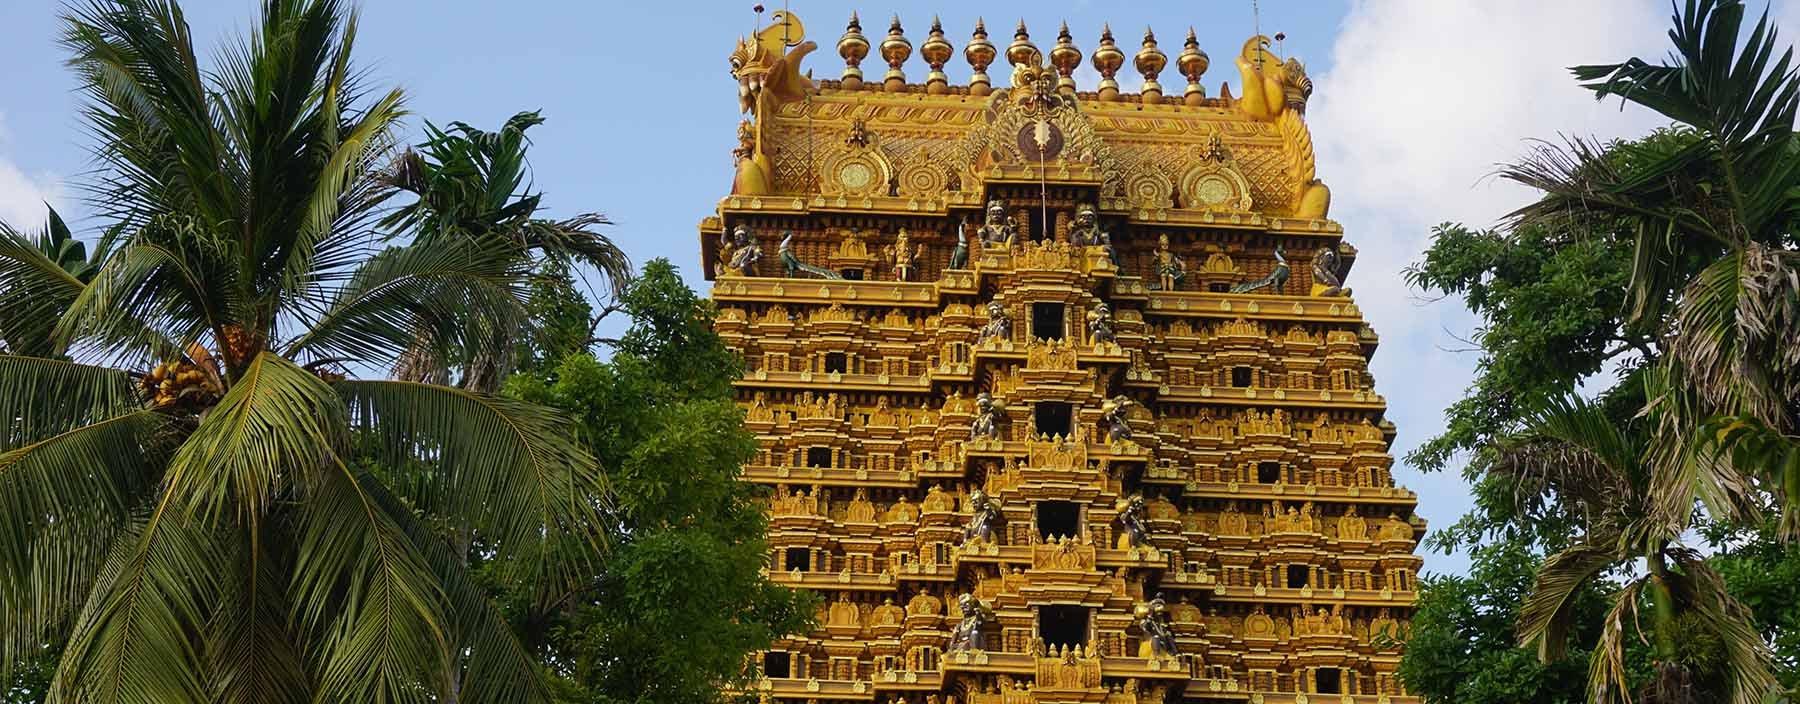 sri lanka, jaffna, nallur hindu jaffna temple.jpg